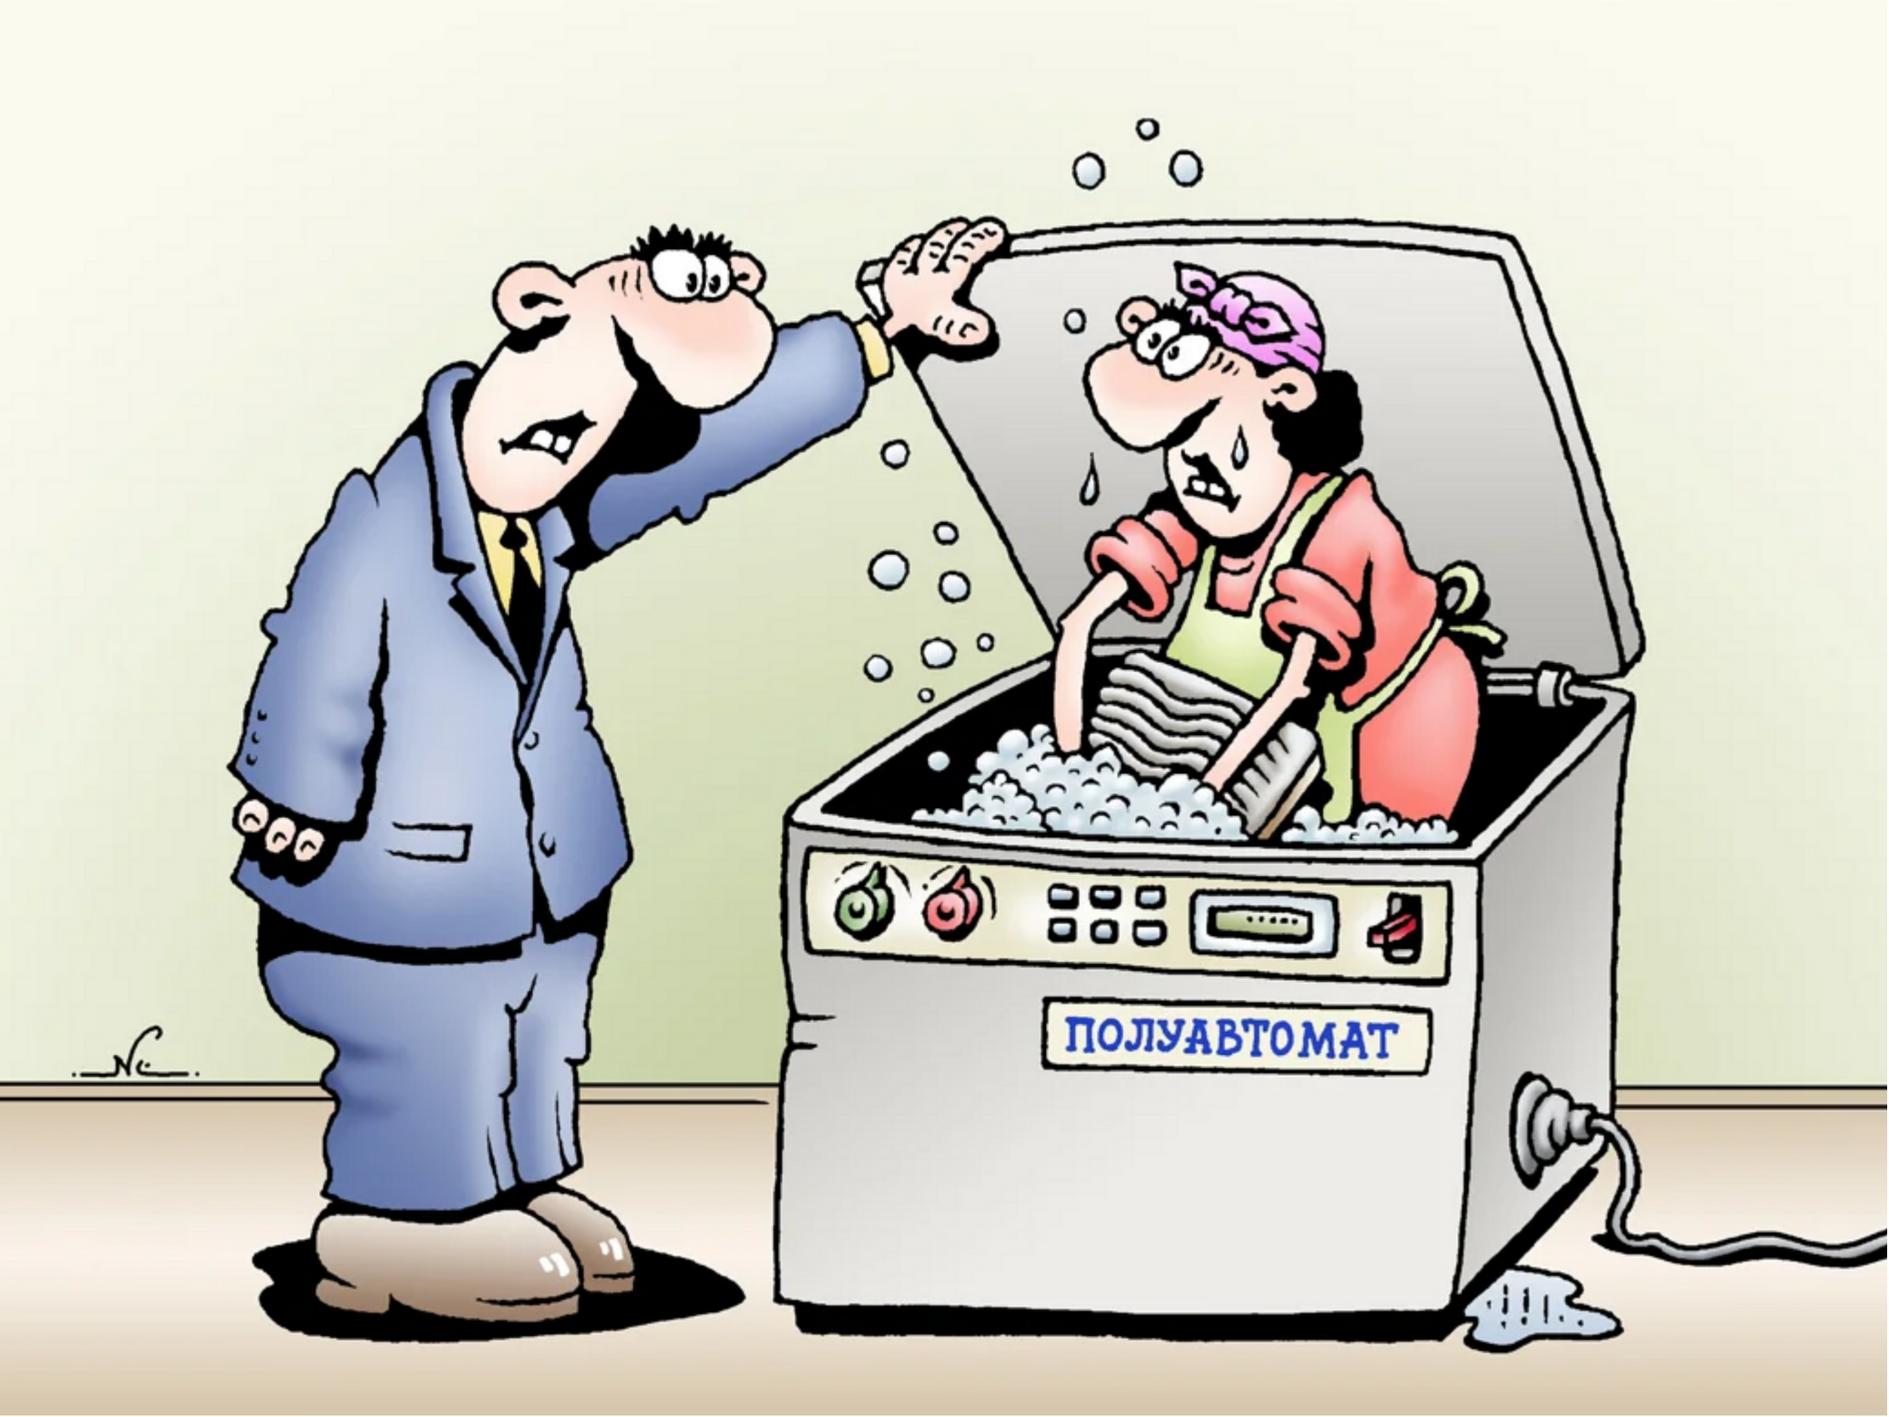 Автоматизация клиентского сервиса. Кому? Зачем?